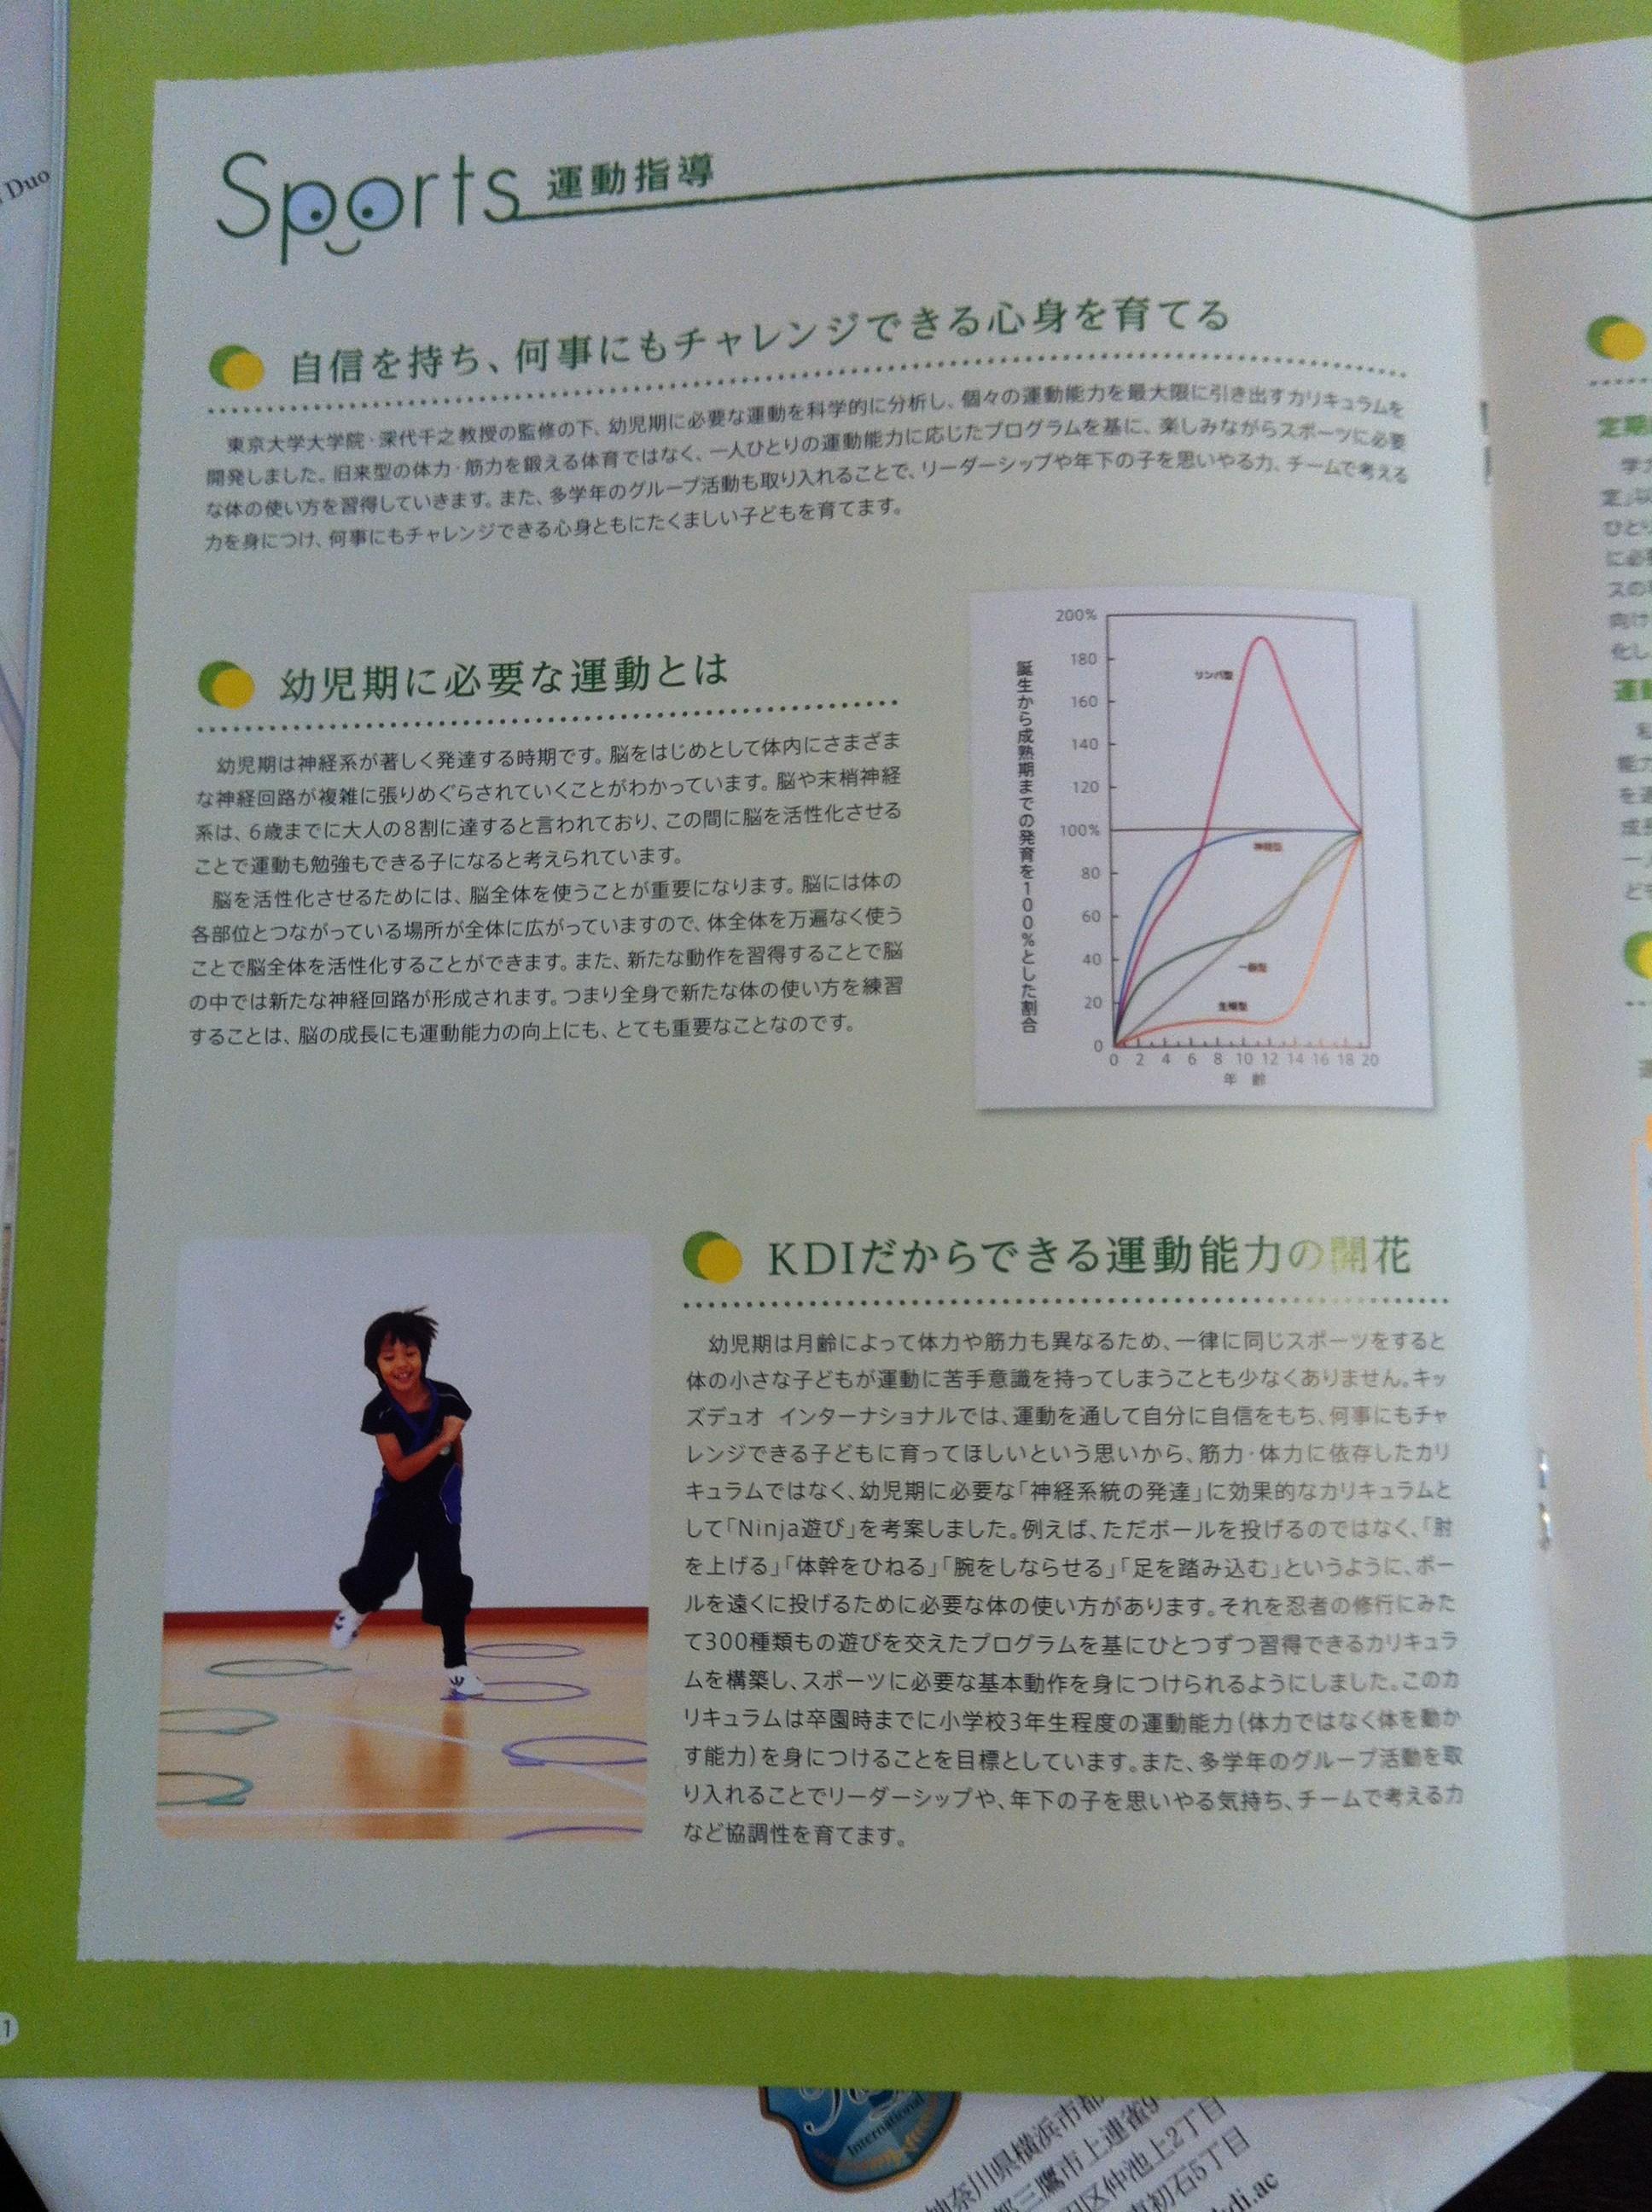 キッズデュオ(kids duo)の説明会で配られたパンフレット11ページ目の画像キャプチャ